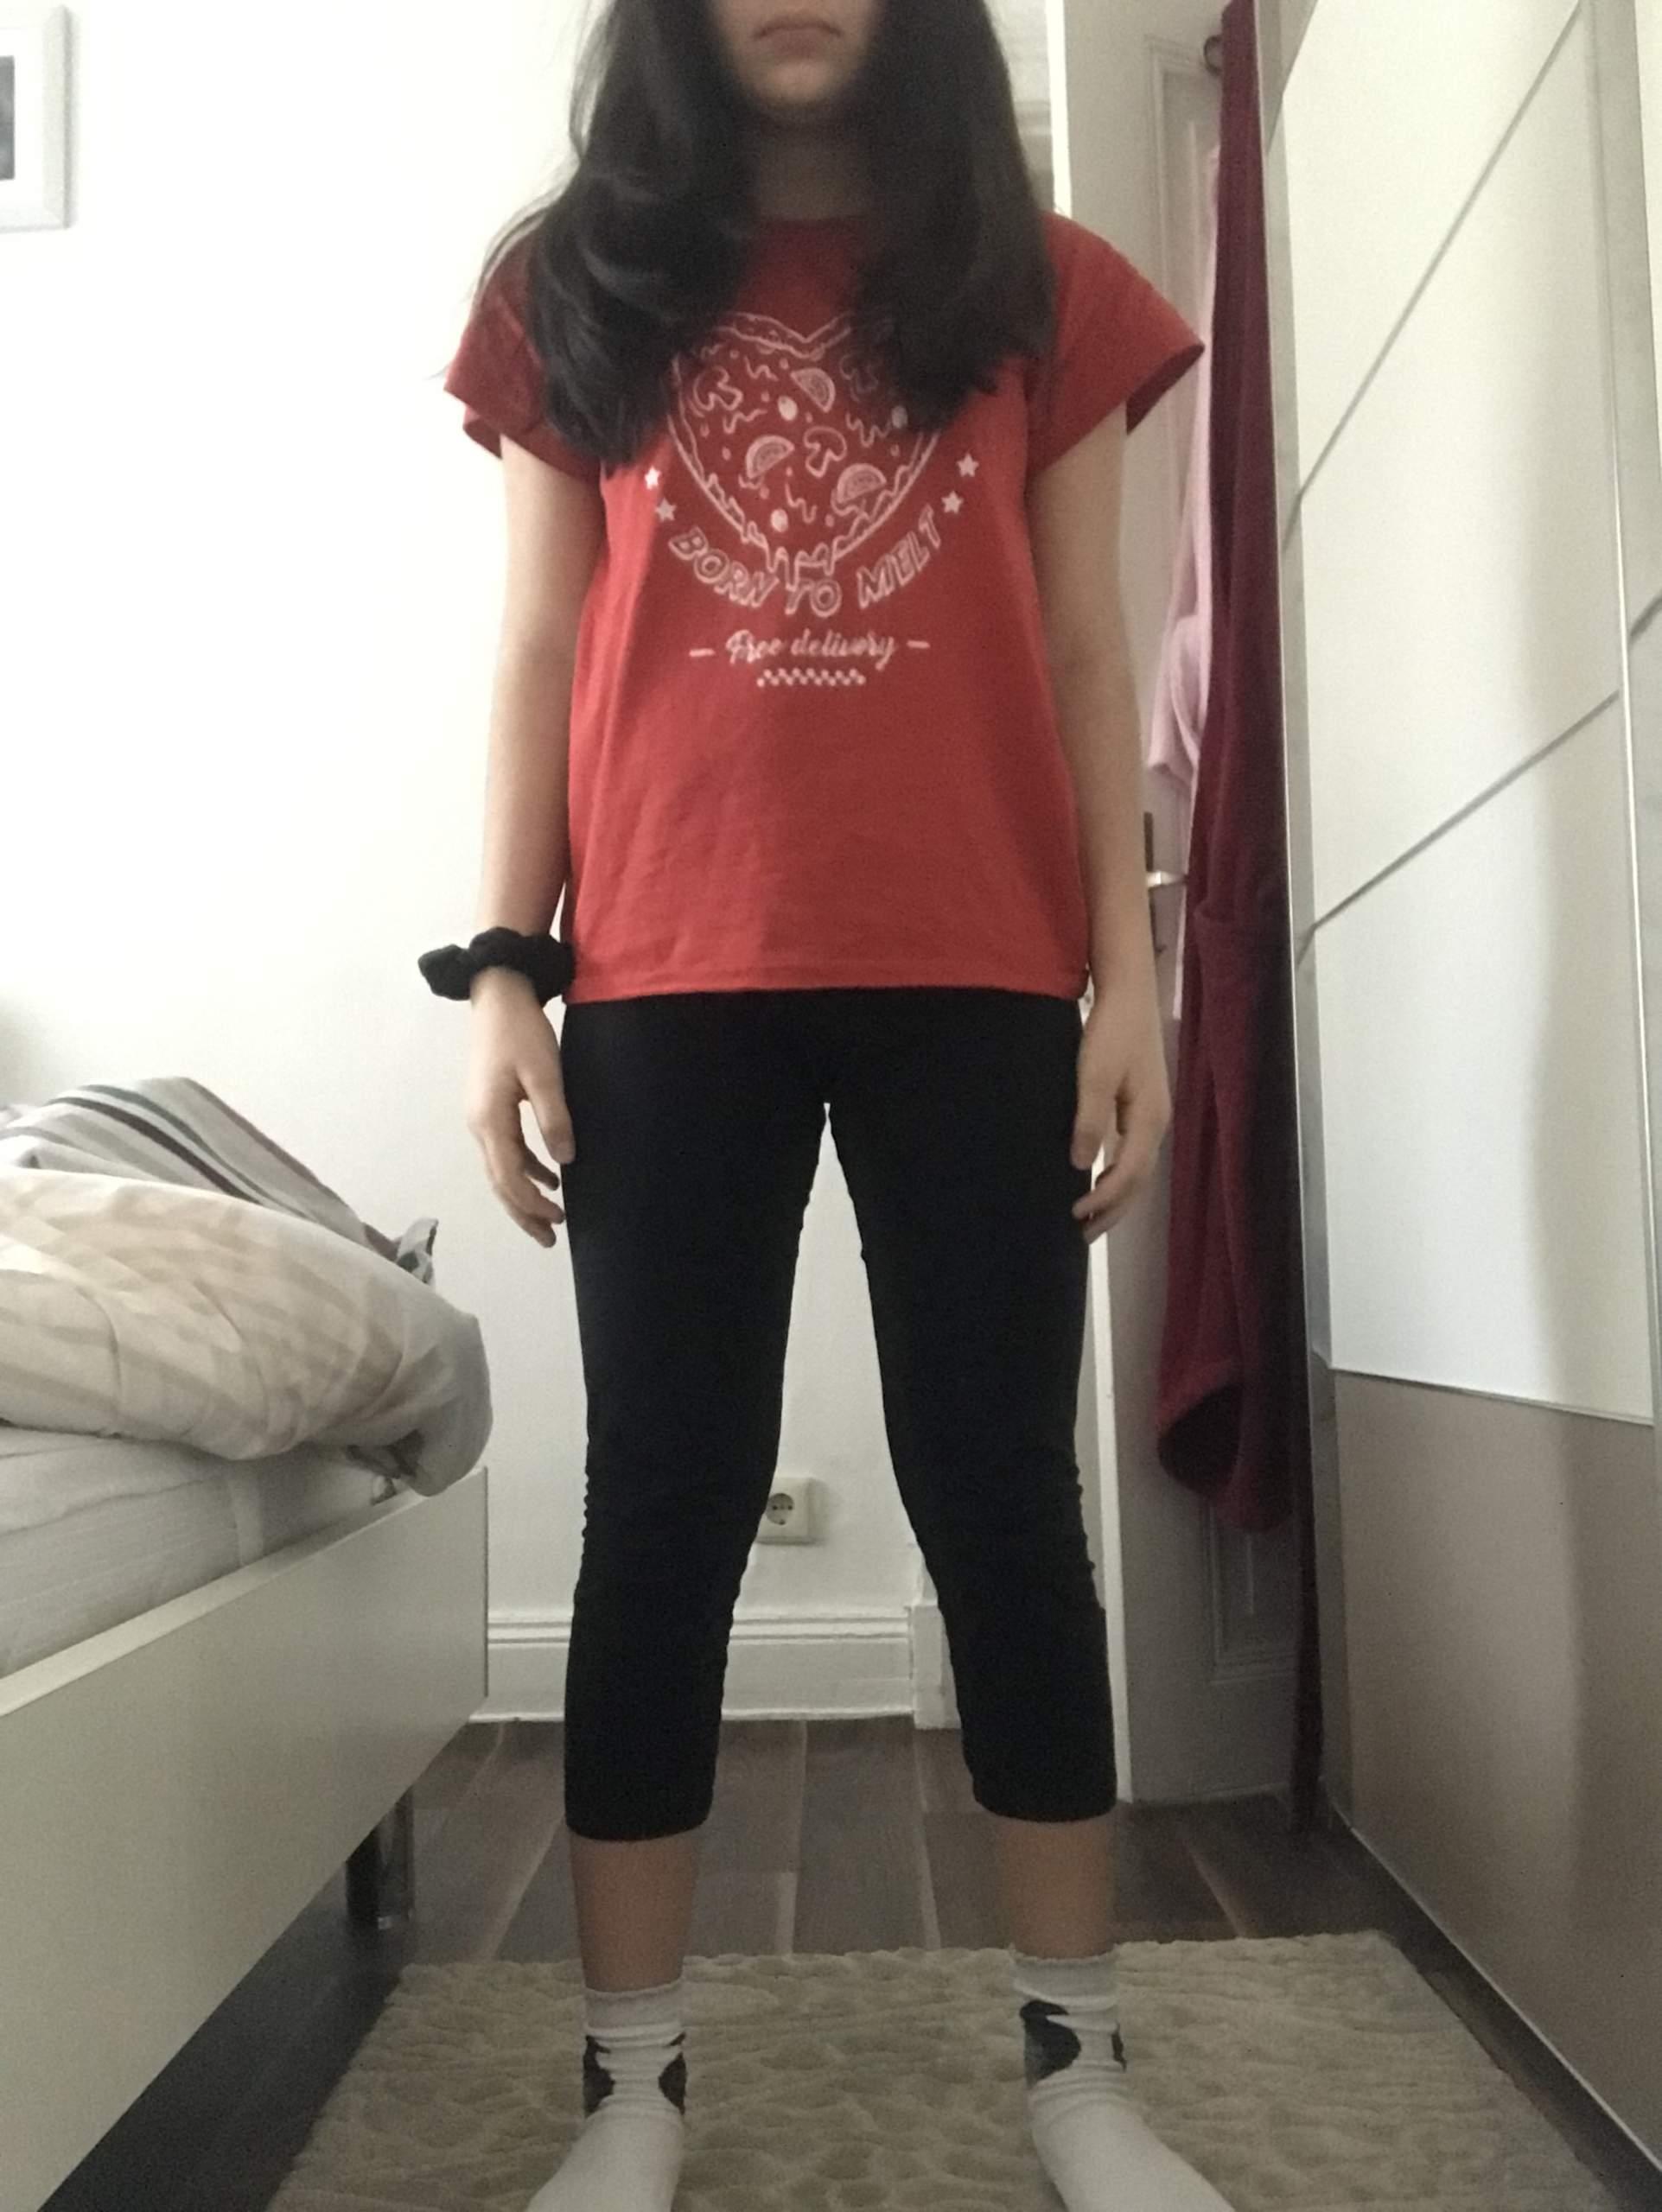 Hallo ich bin 12 Jahre und 1,45 m groß und wiege 44. Bin